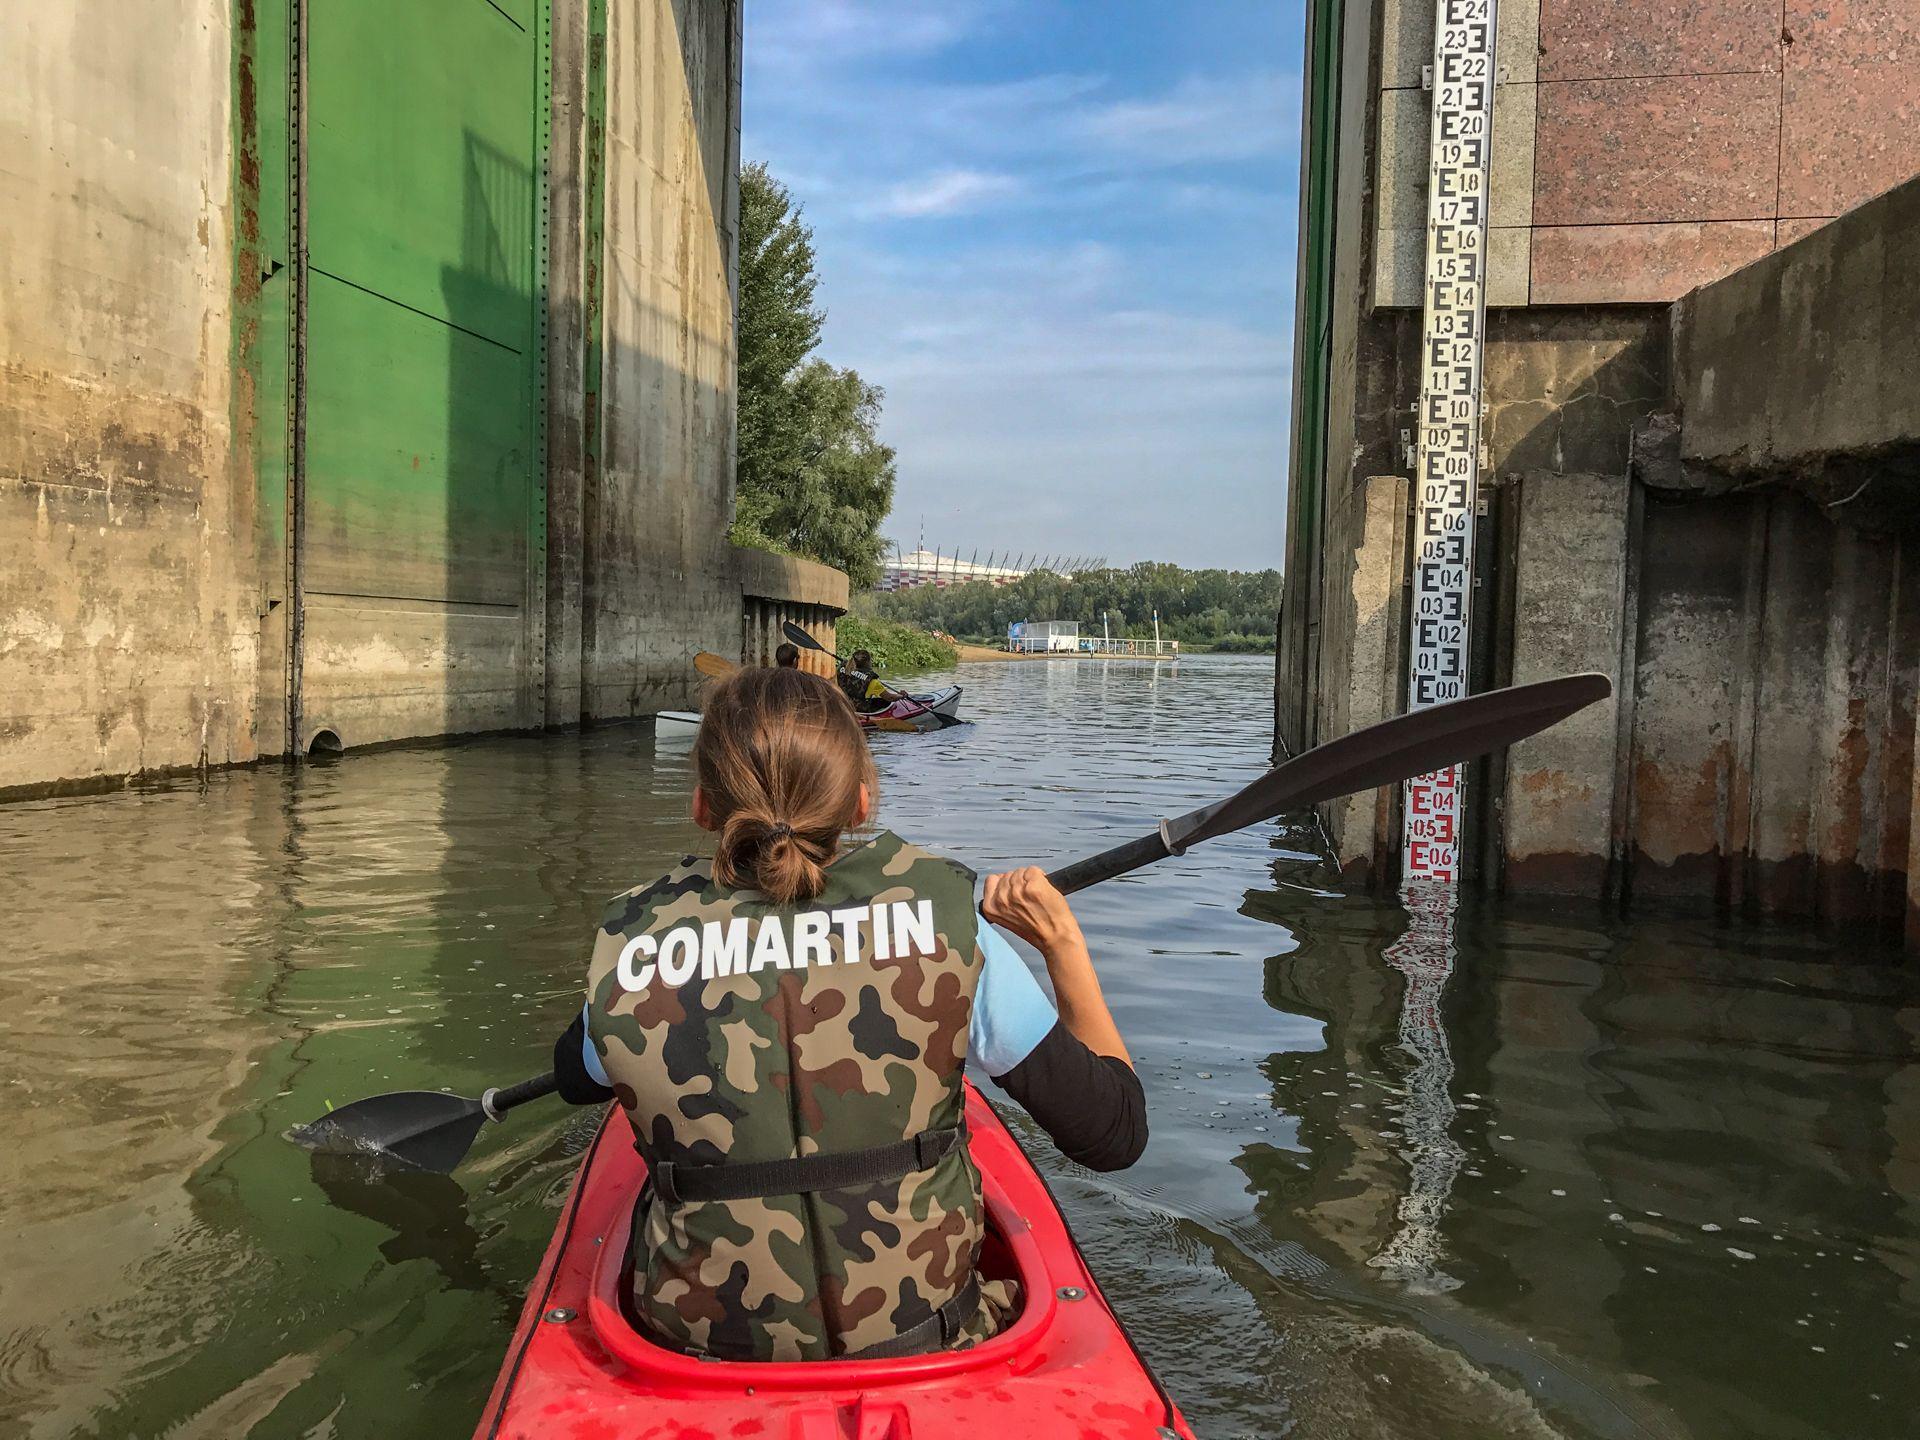 Wypływając naWisłę zPortu Czerniakowskiego - spływ kajakowy Wisłą